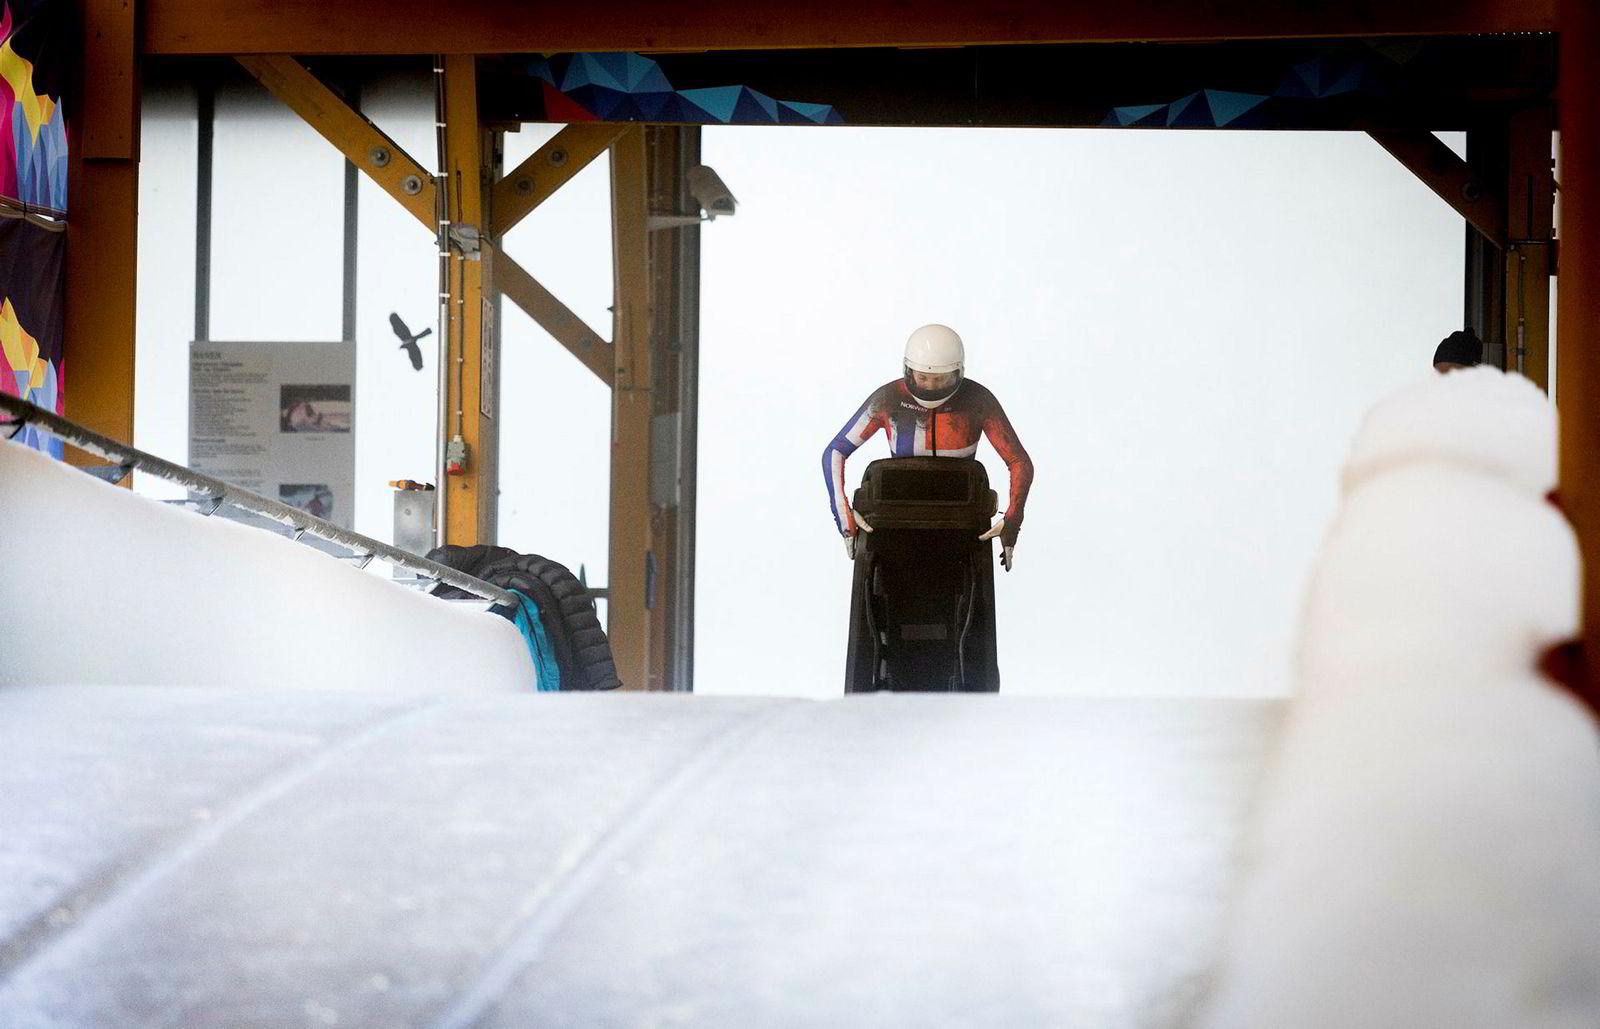 Etter en lang oppvarming og flere gjennomkjøringer av isbanen i hodet står Maya Pedersen klar til start av treningsrunden.